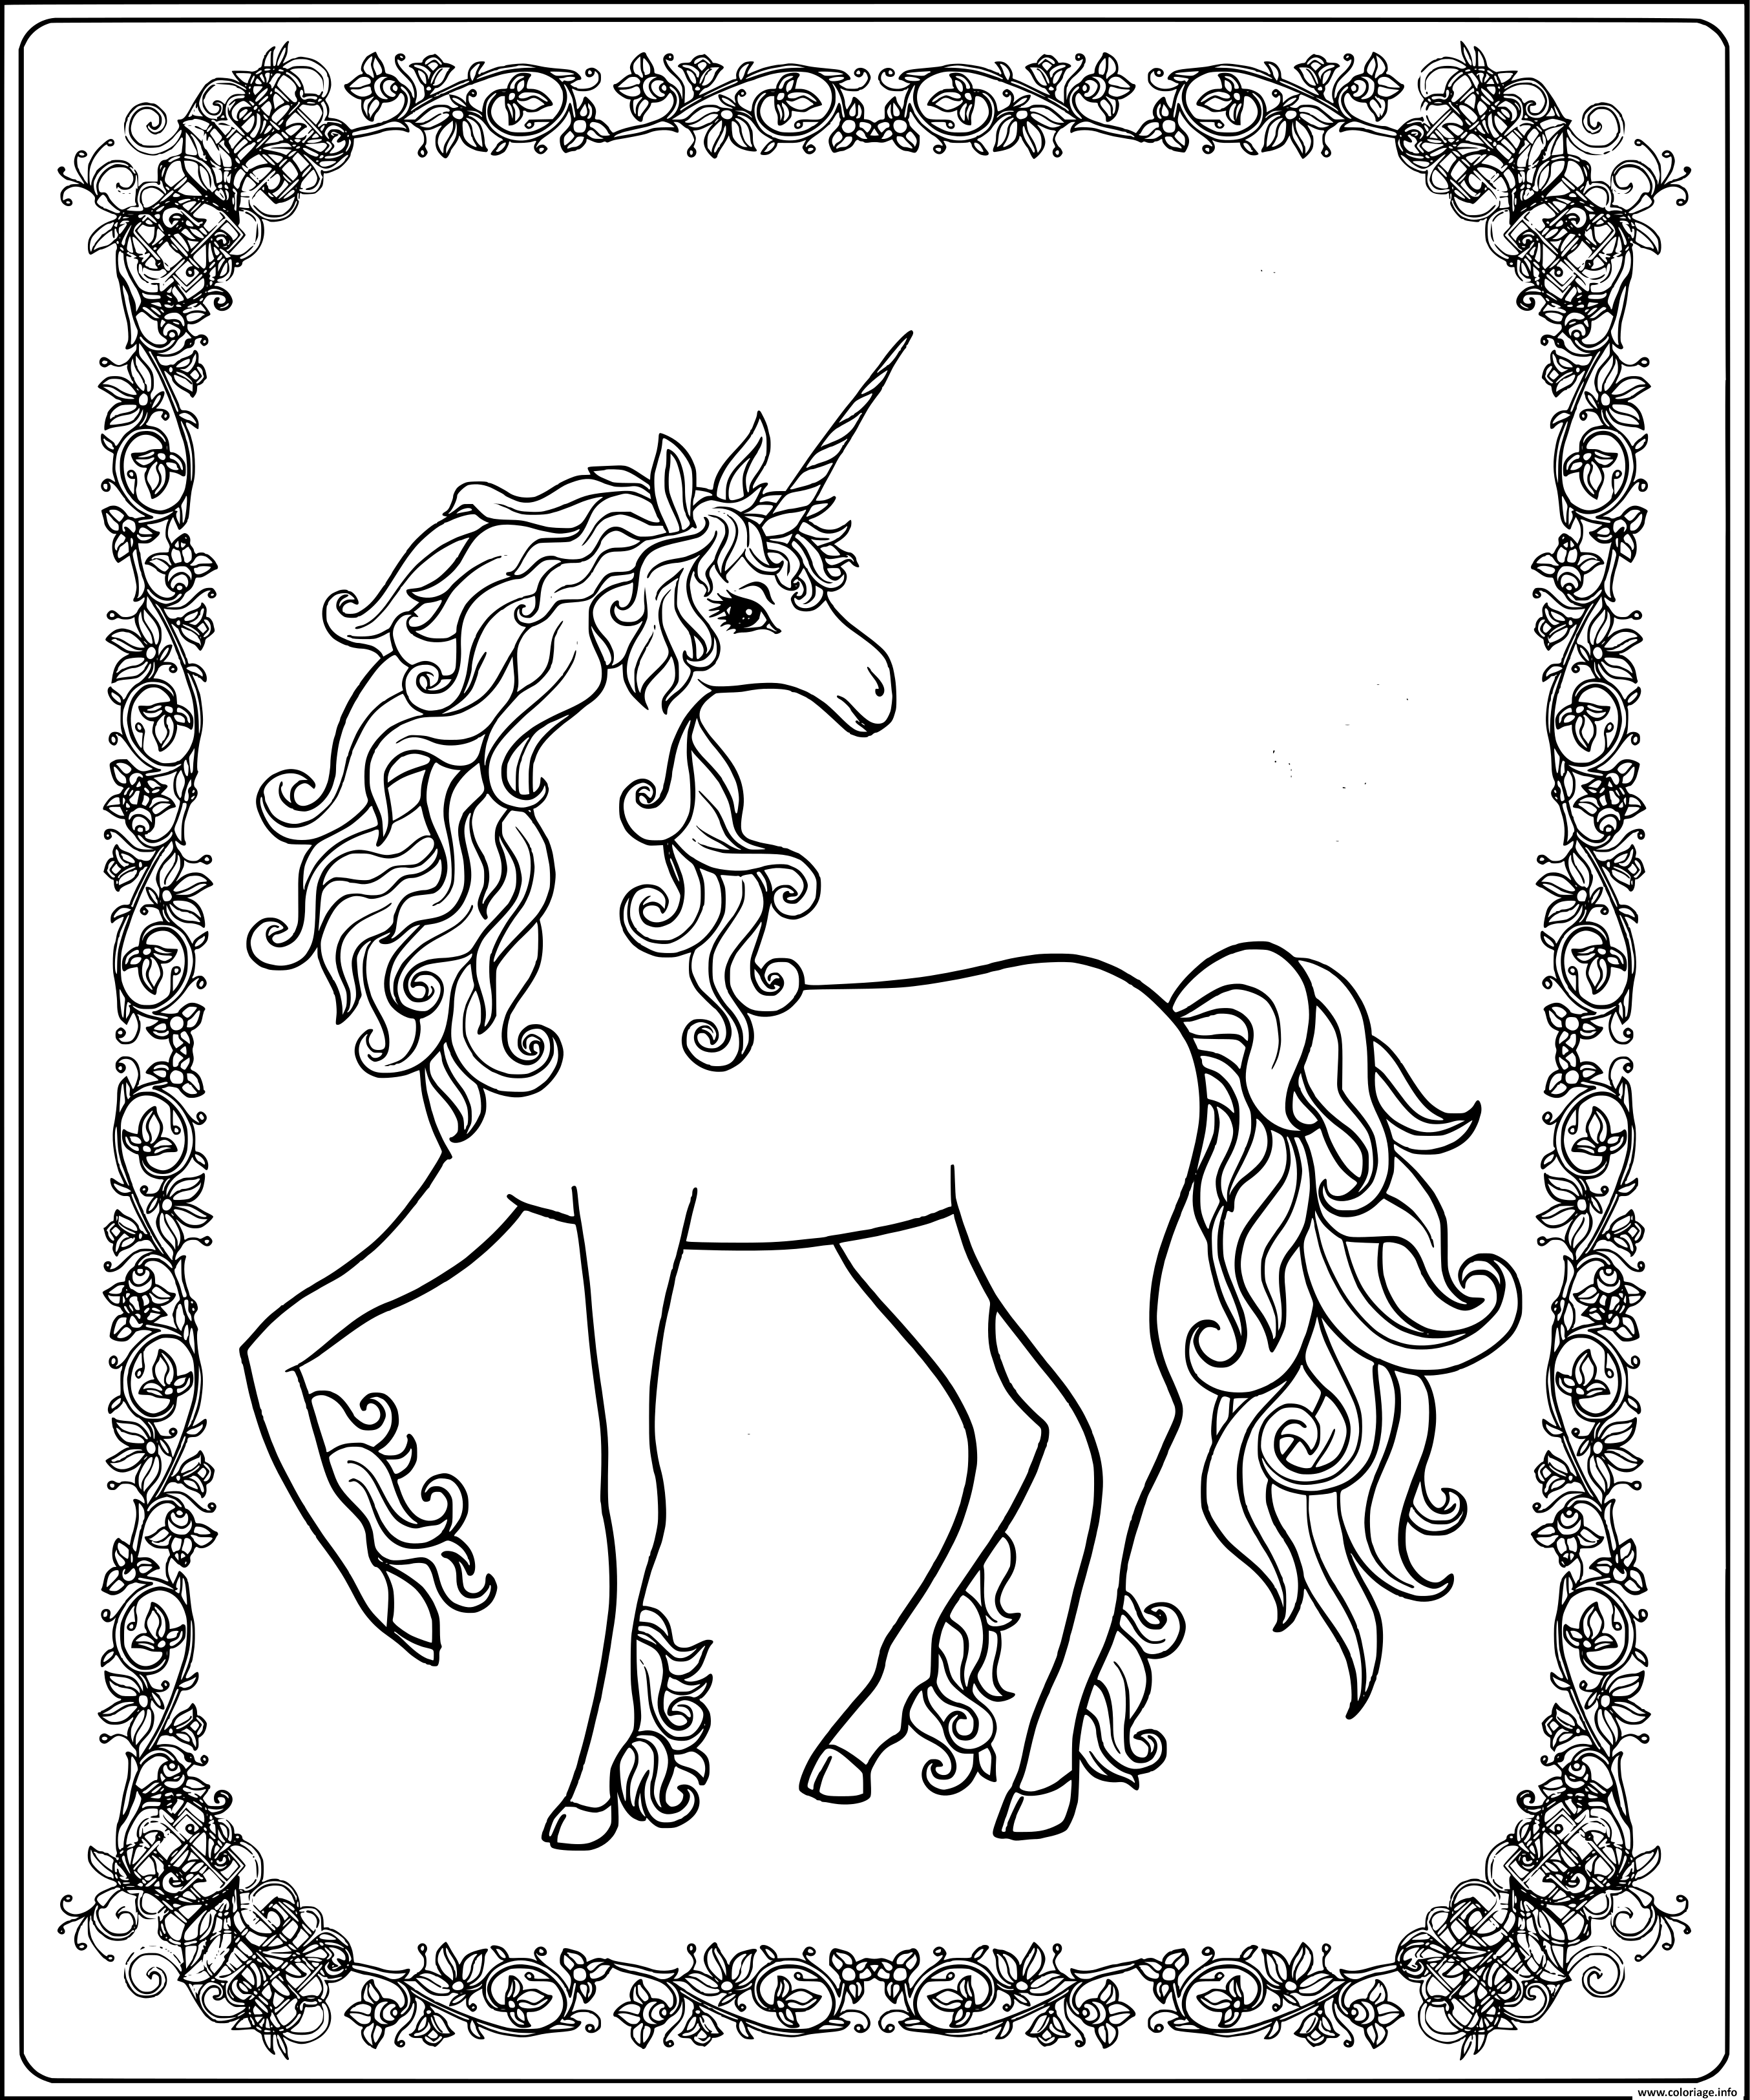 Coloriage Licorne Royale Avec Contour En Fleurs dessin